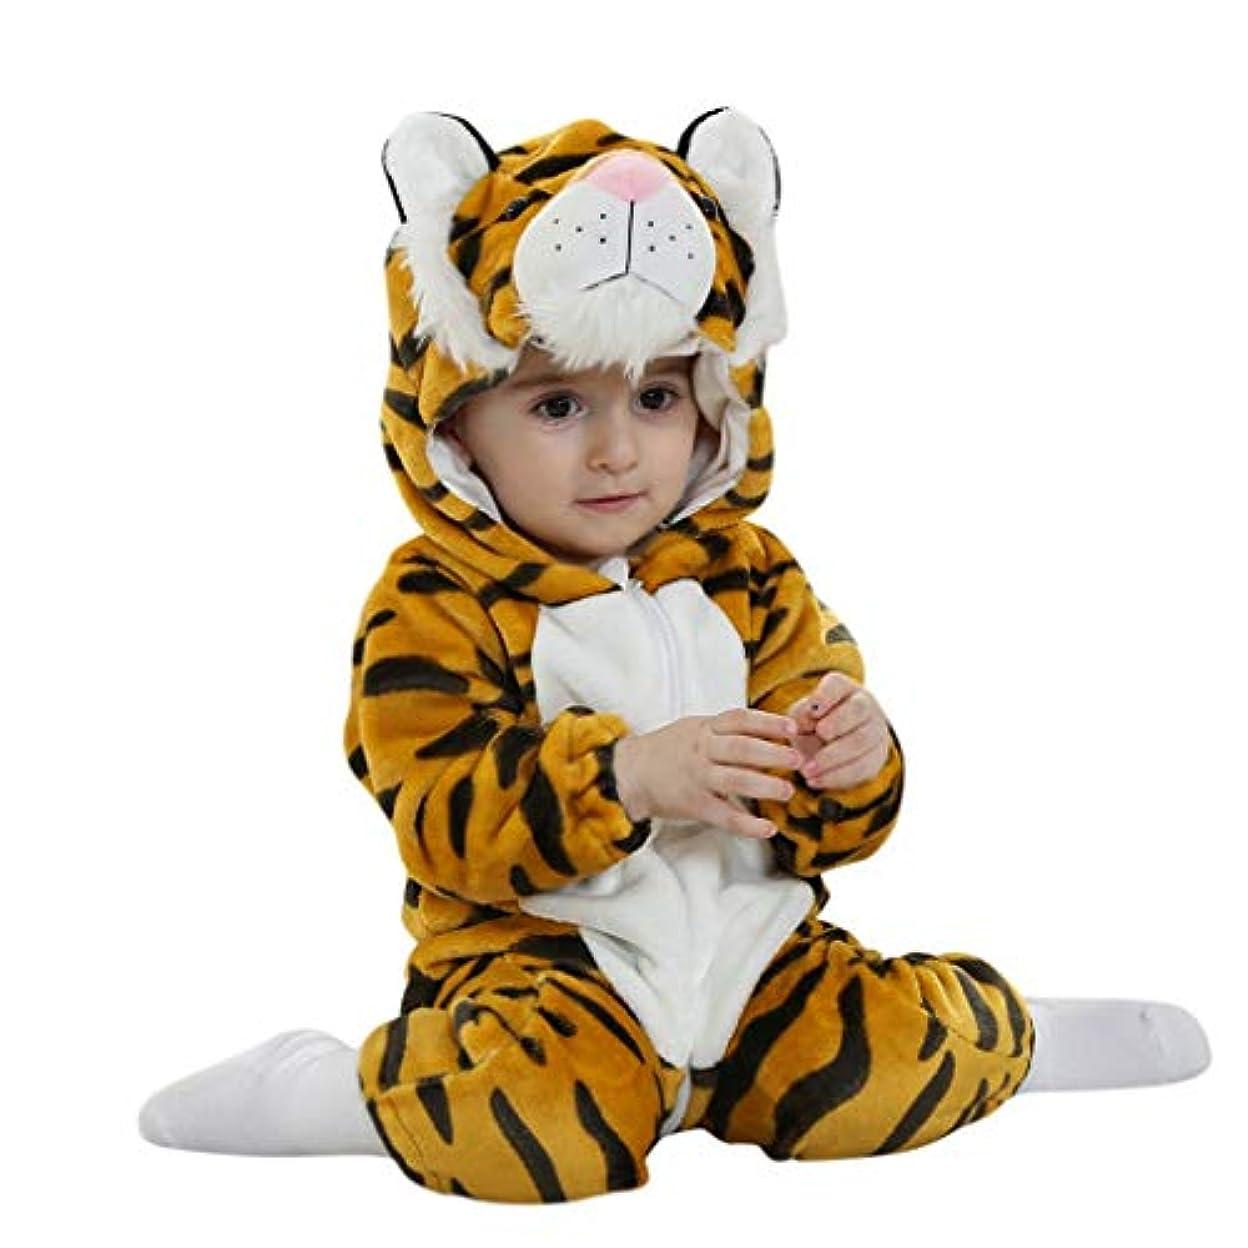 勝つミリメートル一元化するMISFIY 赤ちゃん ベビー服 着ぐるみ カバーオール ロンパース ぬいぐるみ キッズ コスチューム タイガー 防寒着 パジャマ 男の子 女の子 出産祝い もこもこ かわいい カジュアル おしゃれ 柔らかい